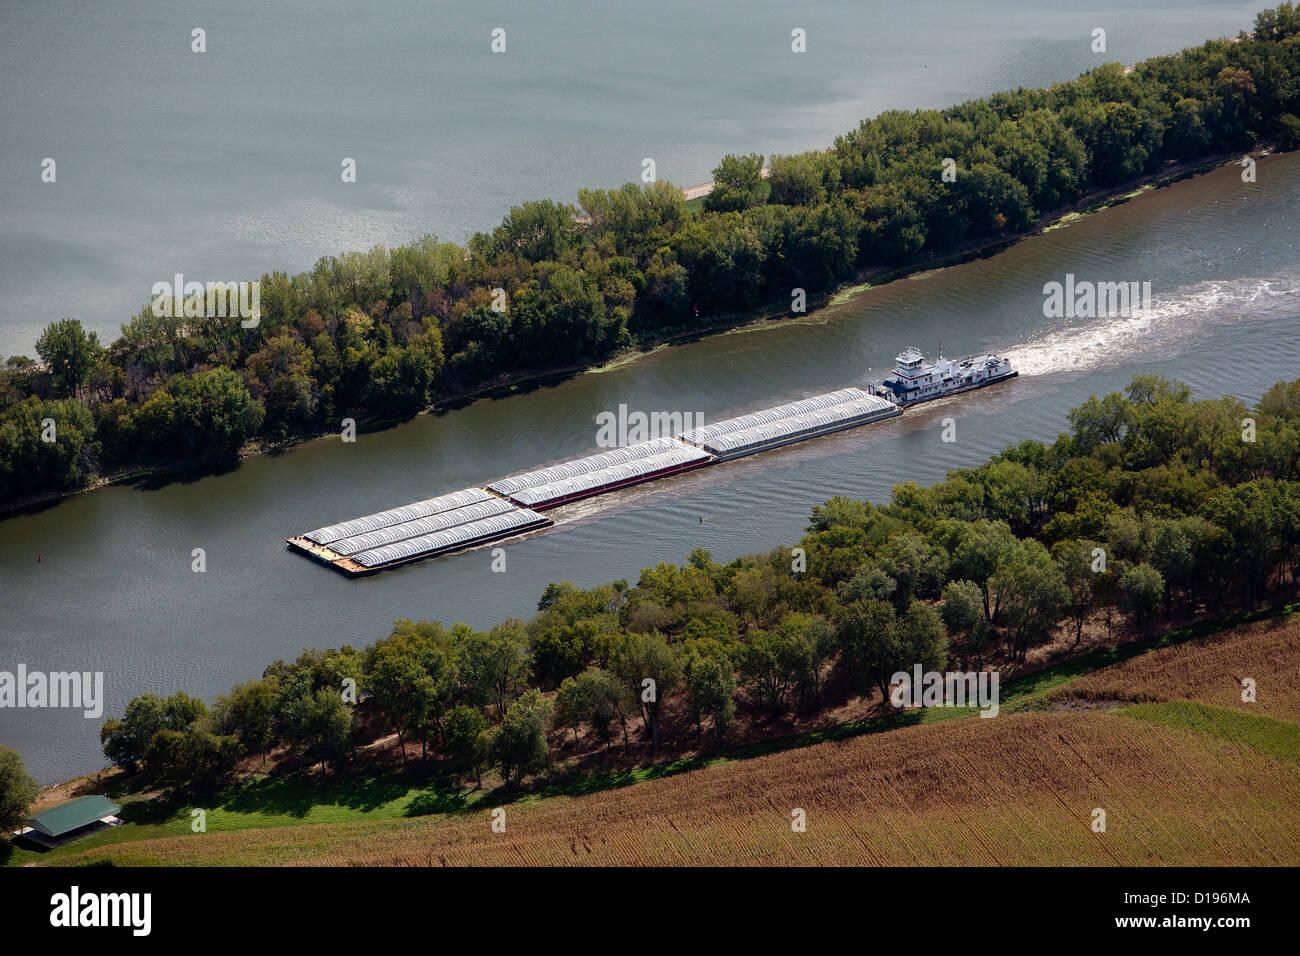 Photographie aérienne de l'Illinois Waterway, barge rivière Illinois Photo Stock